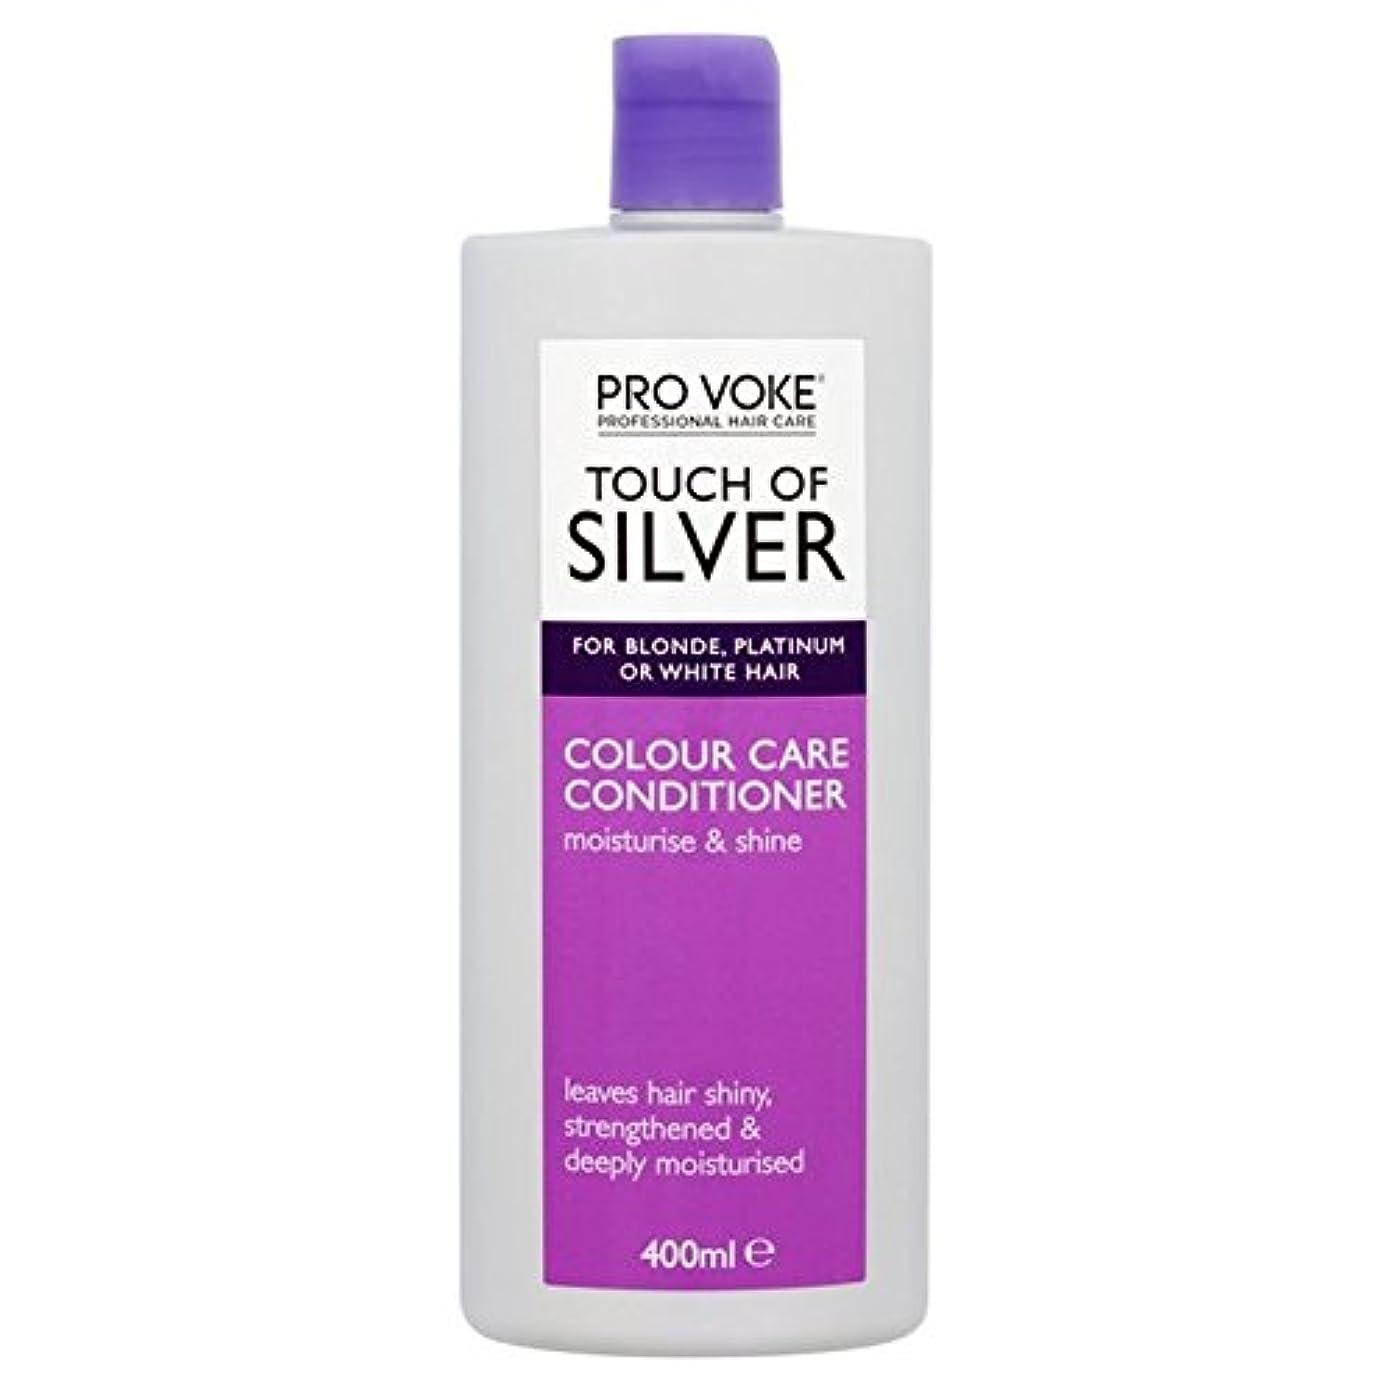 ハンカチ彫る事業内容Touch of Silver Daily Nourish Conditioner 400ml (Pack of 6) - 銀毎日ナリッシュコンディショナー400ミリリットルのタッチ x6 [並行輸入品]